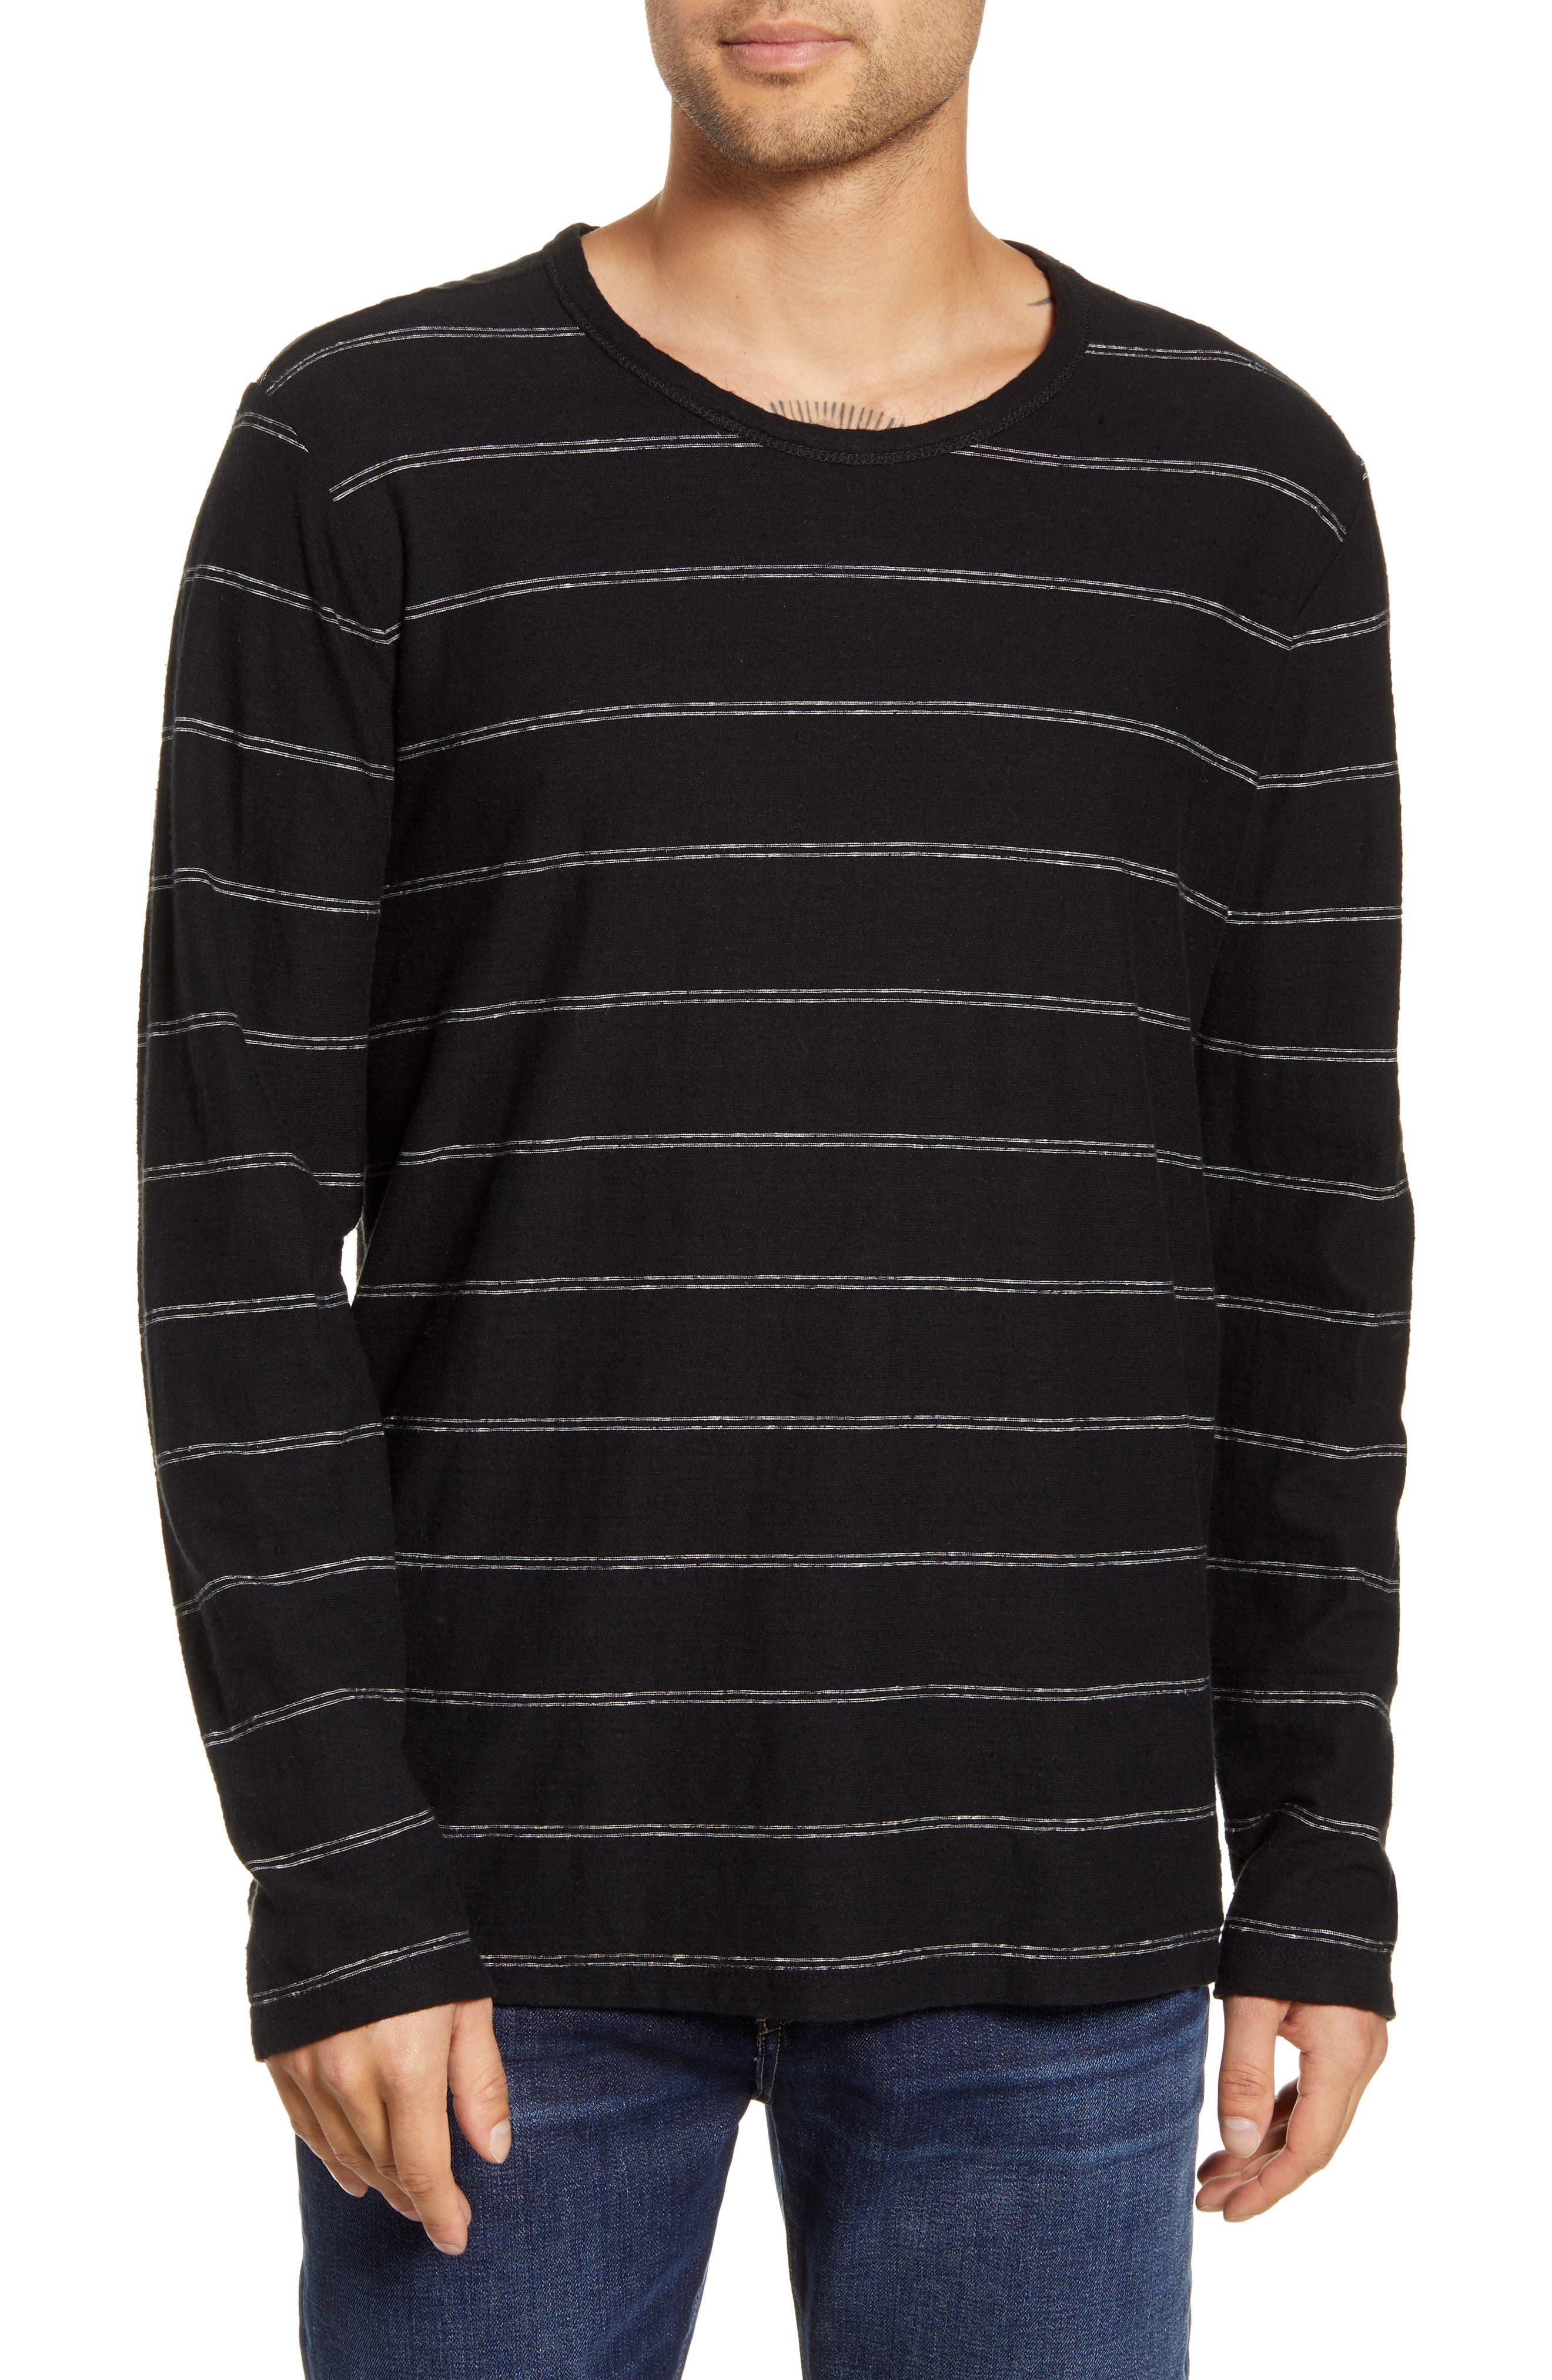 Tilden Stripe Long Sleeve Hemp & Organic Cotton T-Shirt